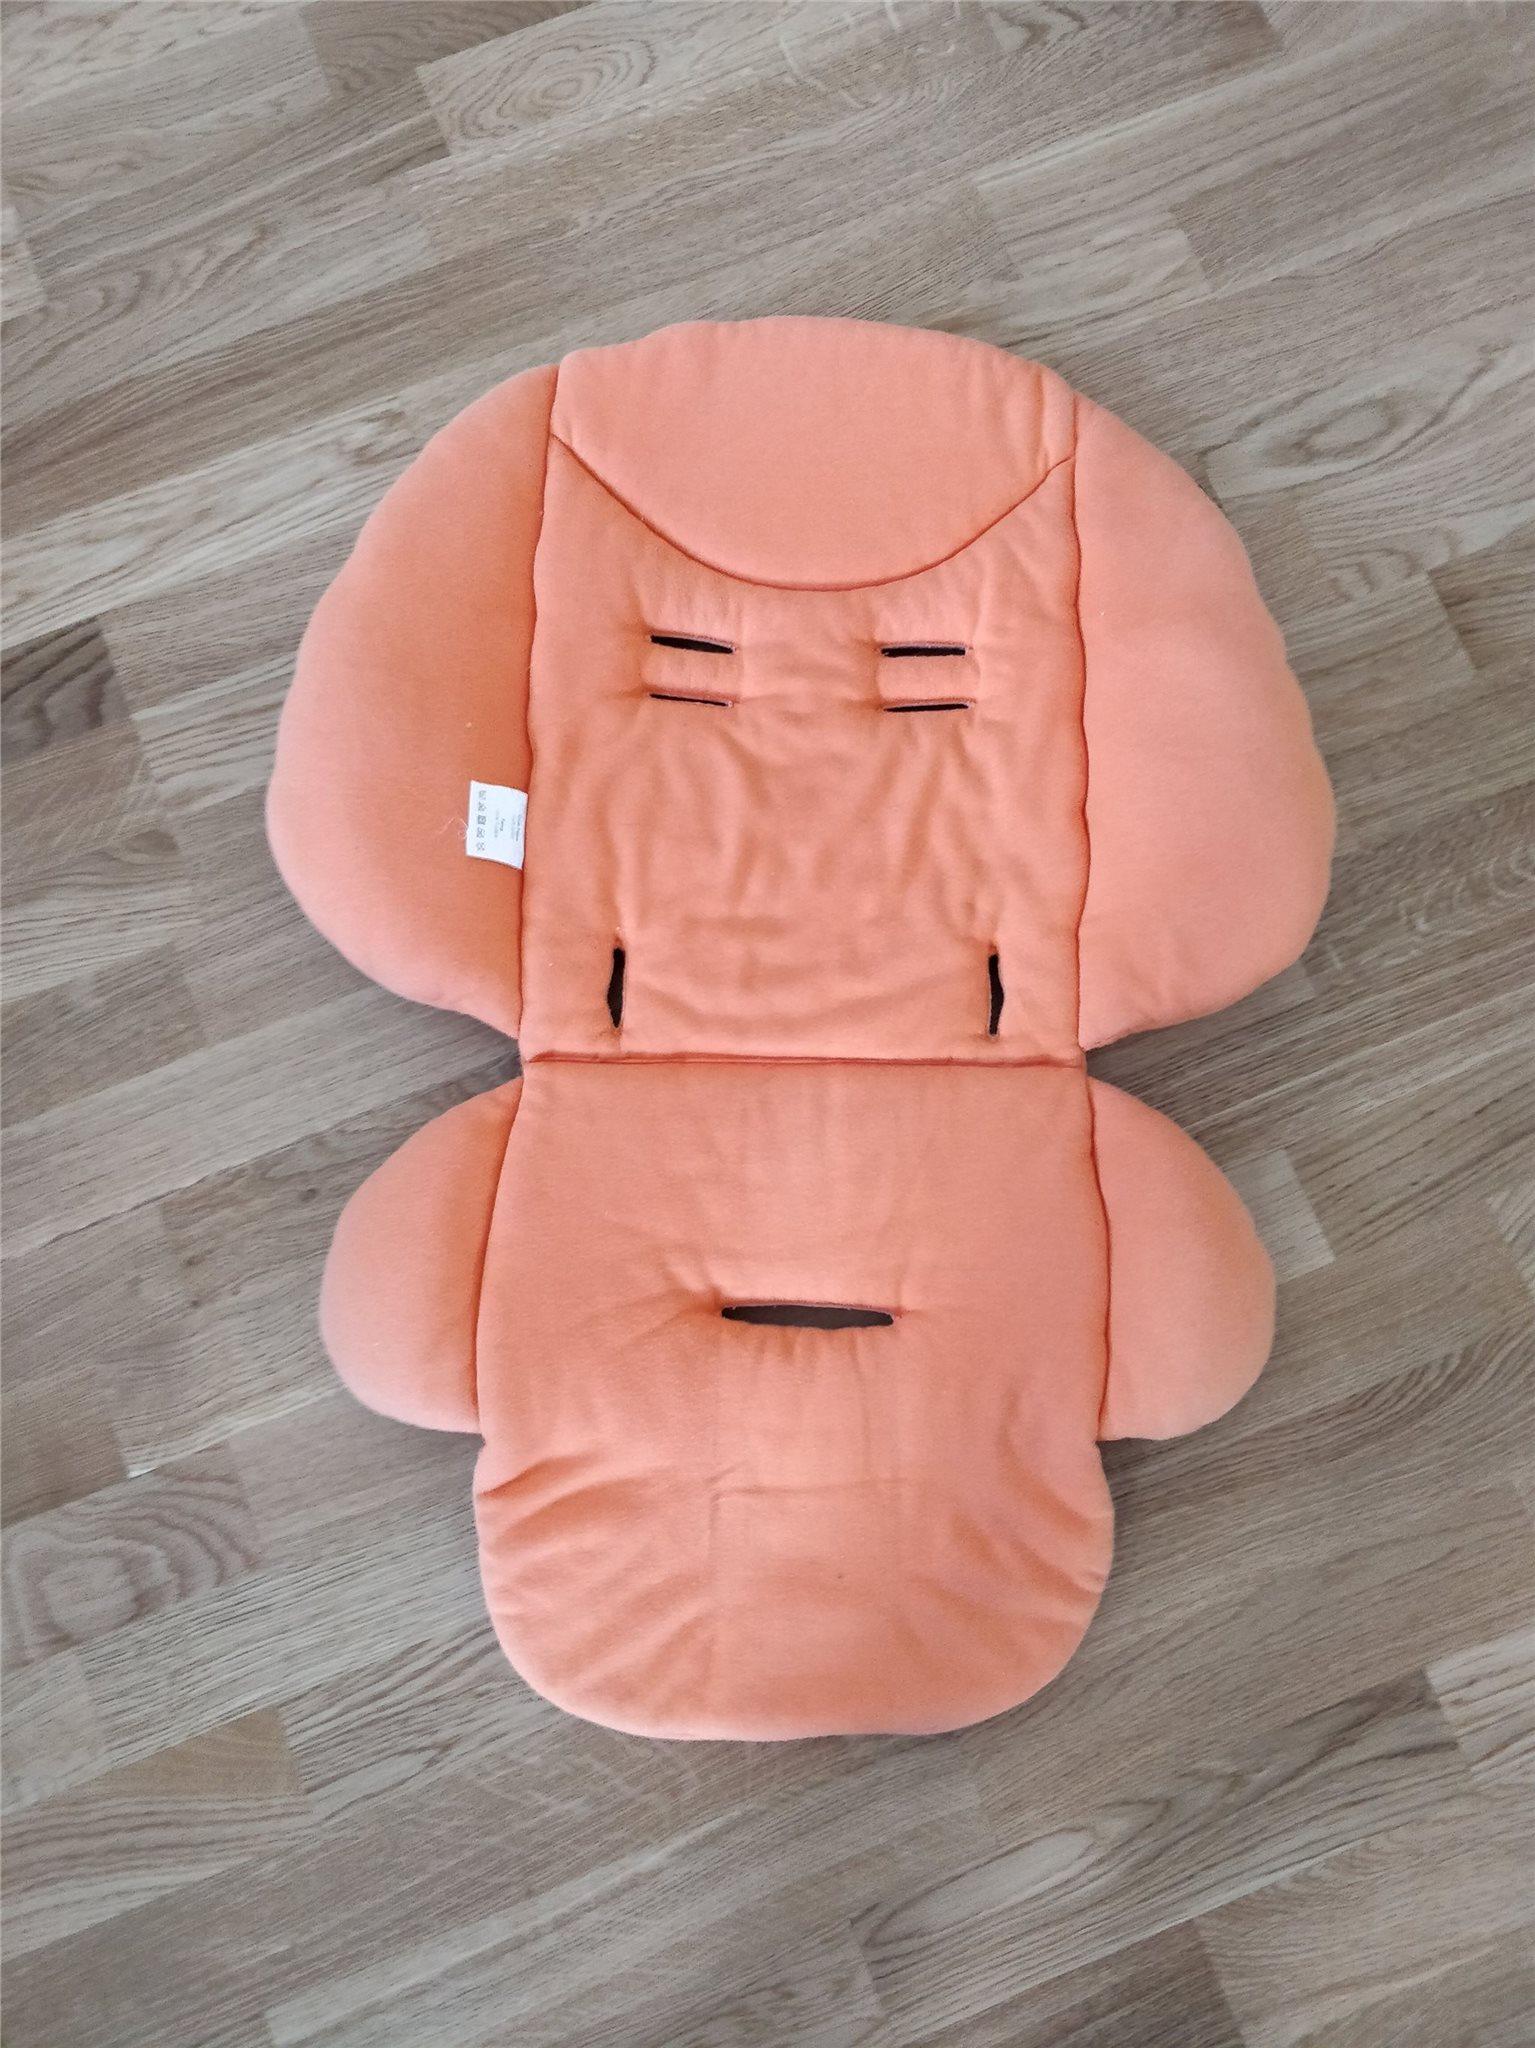 inovi sittdyna large memory foam barnvagn s.. (314866213) ᐈ köp på